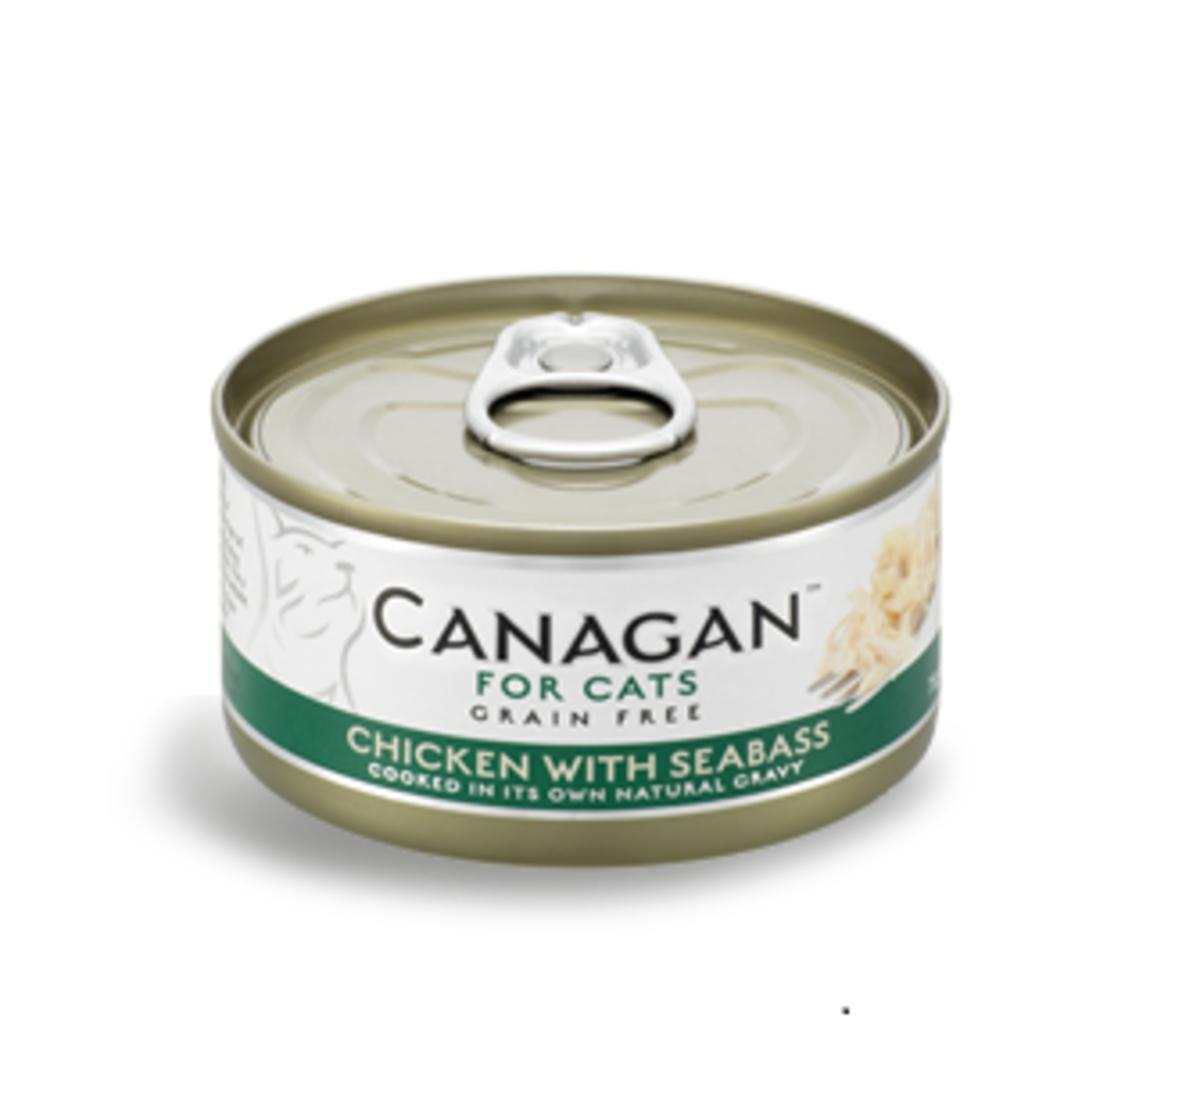 雞肉伴鱸魚貓罐頭 75g (12罐裝)